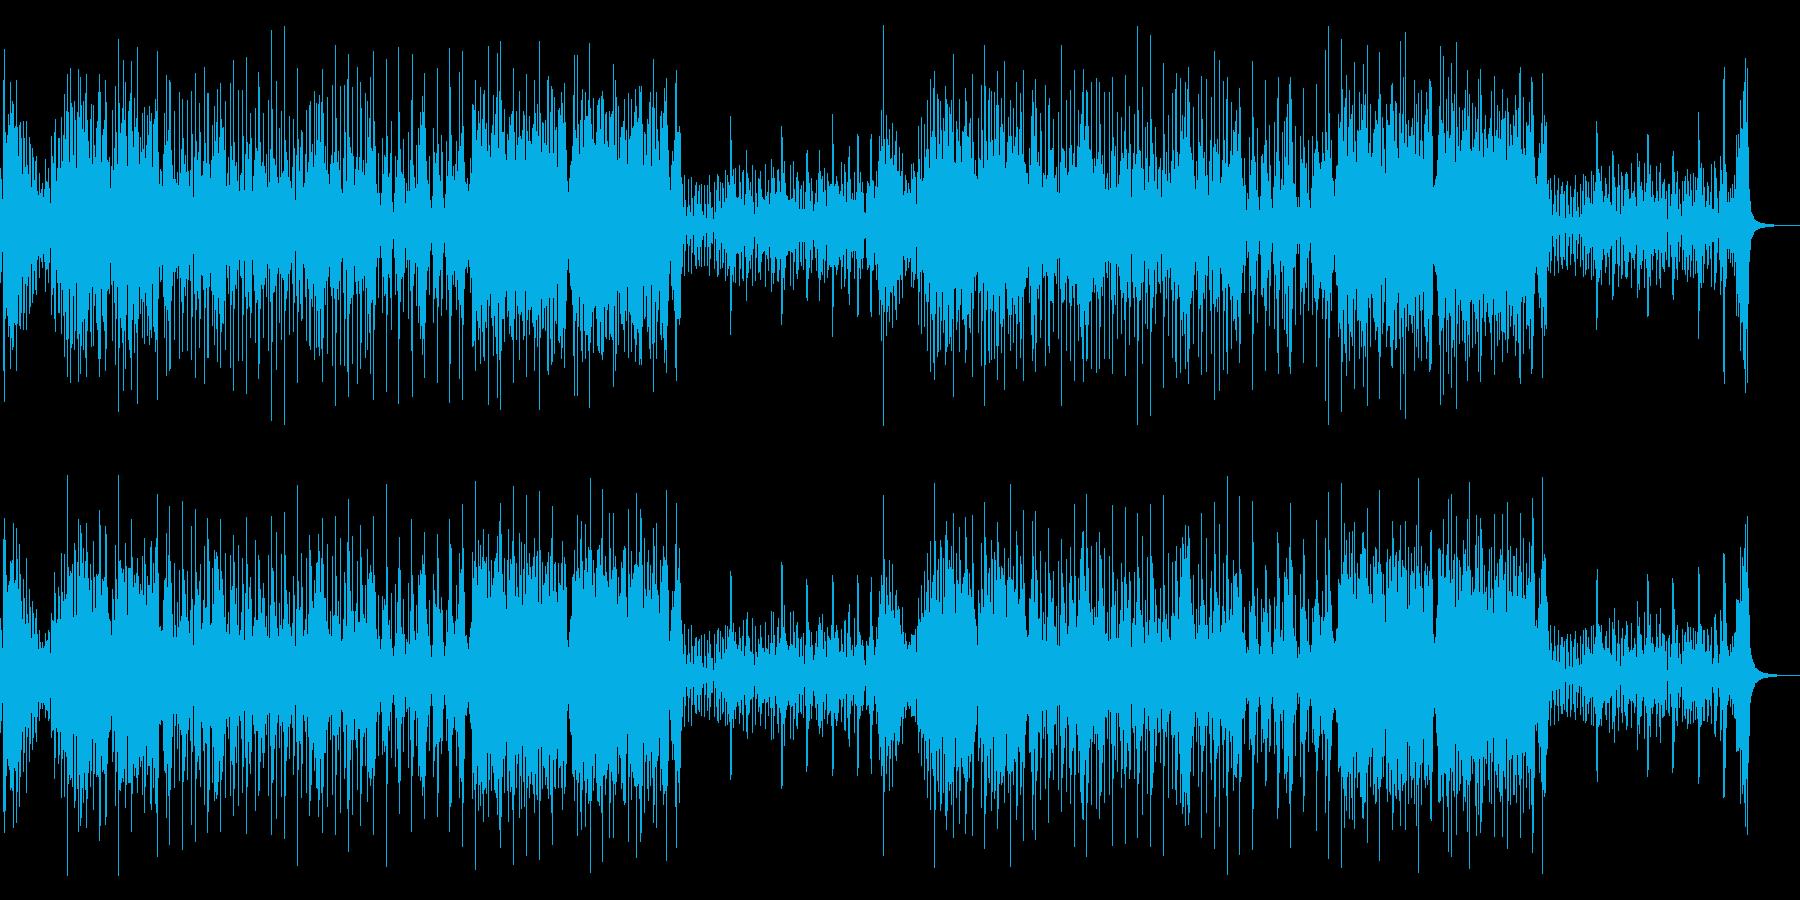 テンポのいい篠笛と和太鼓アンサンブルの再生済みの波形